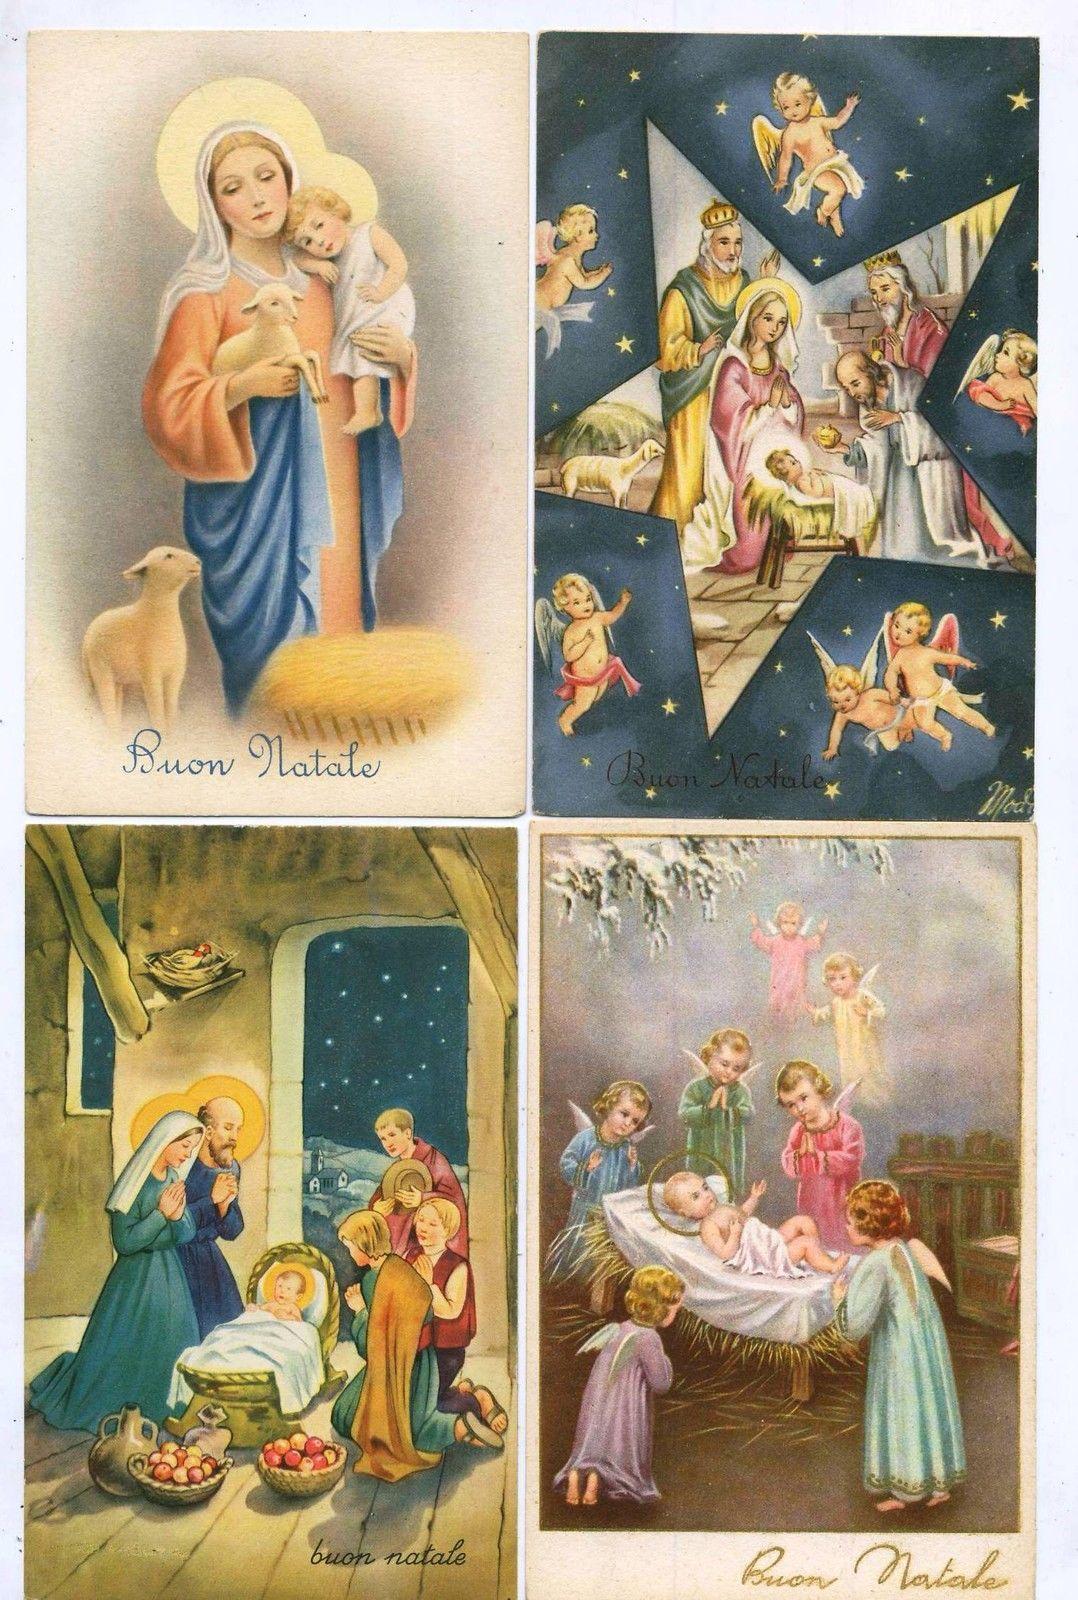 Buon Natale Anni 50.D1586 Cartolina Buon Natale Frohliche Weihnachten Anni 1940